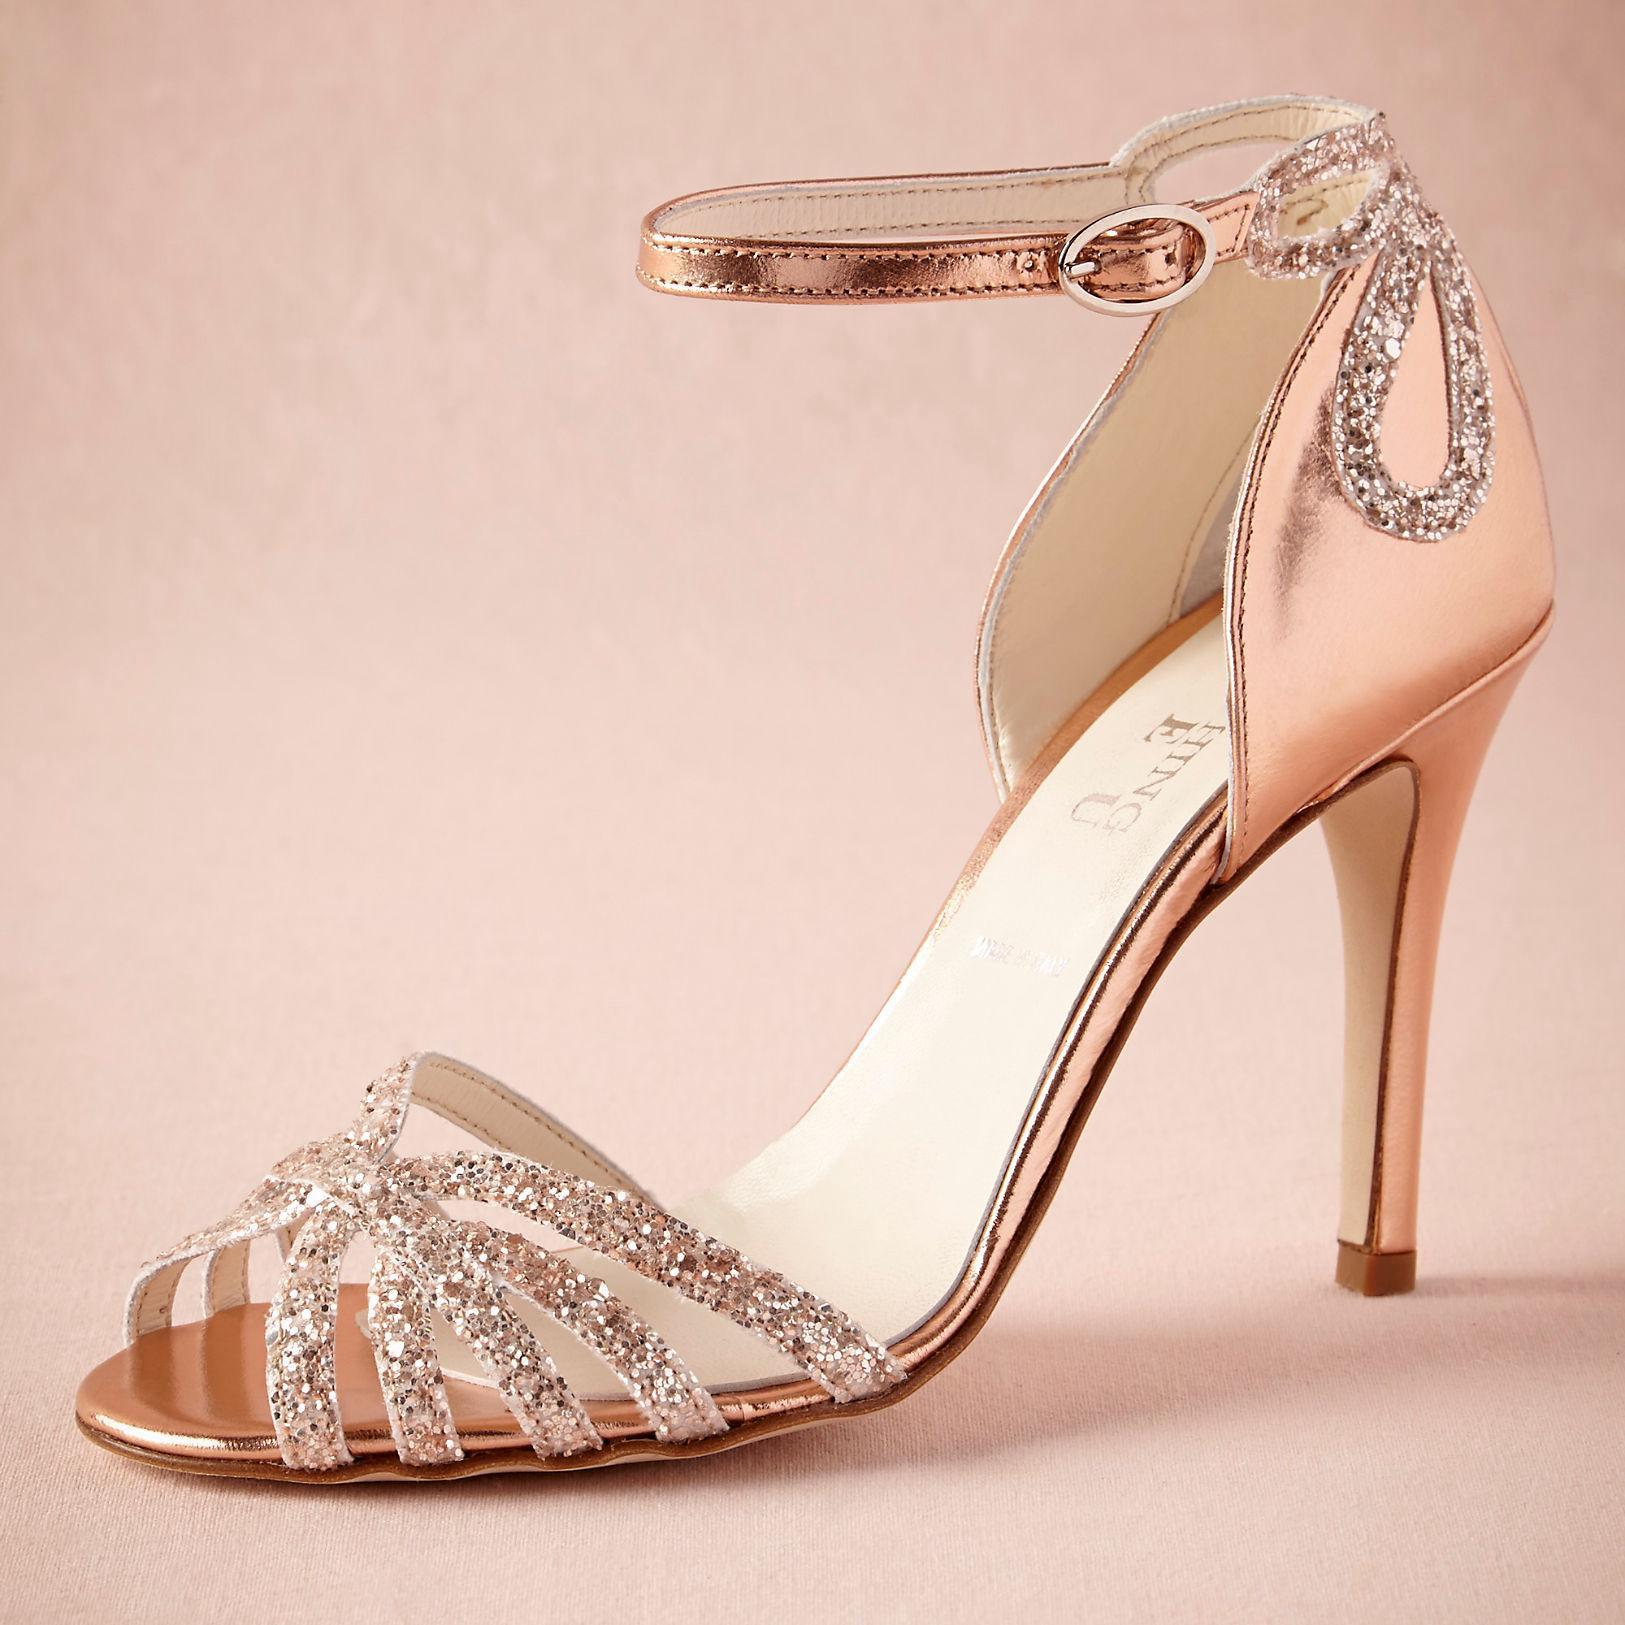 dcaf99638191e Rose Gold Glittered Heel echte Hochzeit Schuhe Pumps Sandalen Gold Leder  Schnalle Schließung Glitter Party Tanz High Wrapped Heels Damen Sandalen